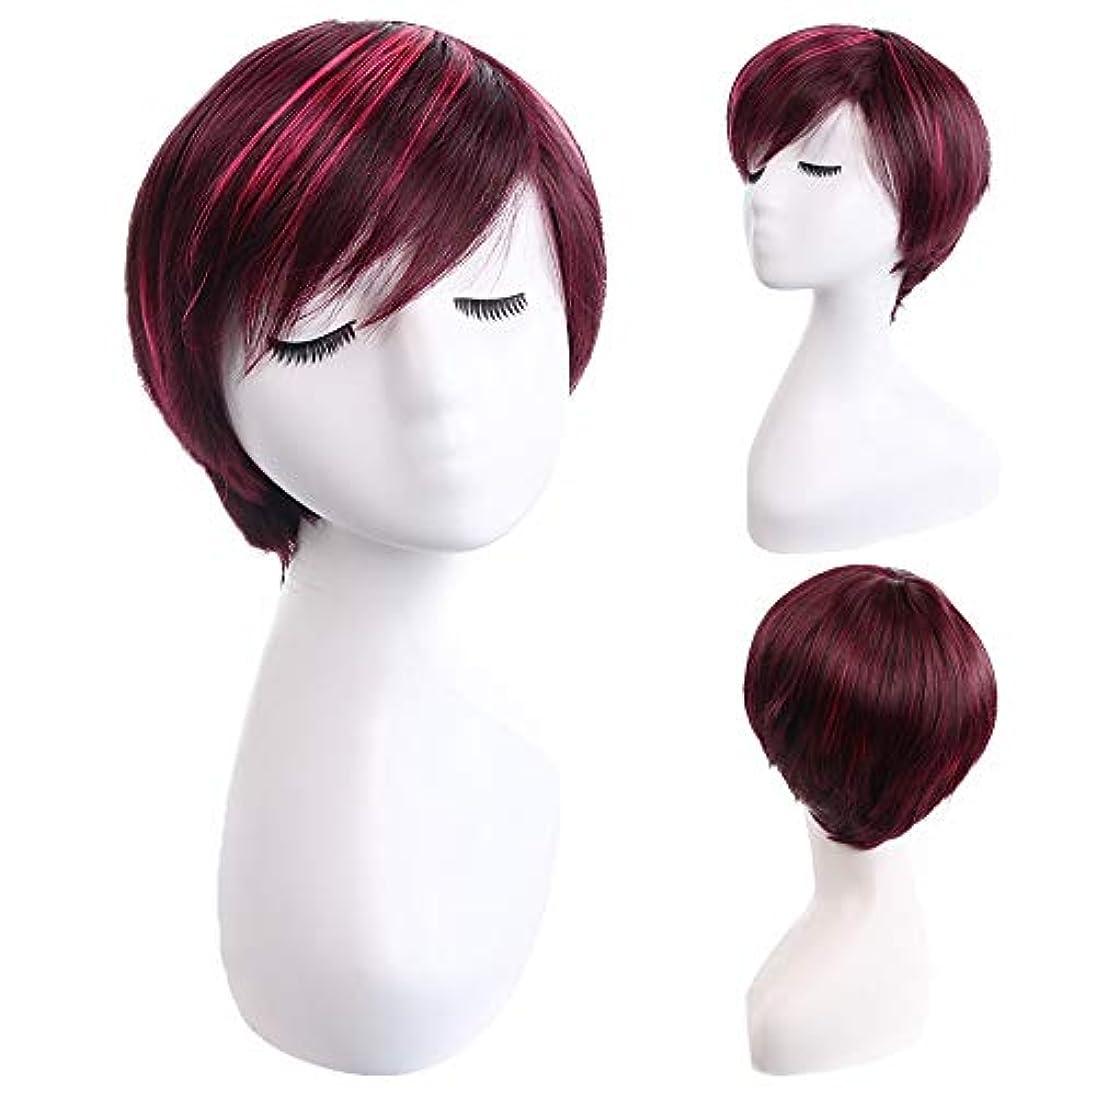 見ましたあなたが良くなりますモーション女性用ブルゴーニュショートレイヤーネイチャーヘアウィッグ前髪合成フルヘアウィッグ女性用ハロウィンコスプレパーティーウィッグ